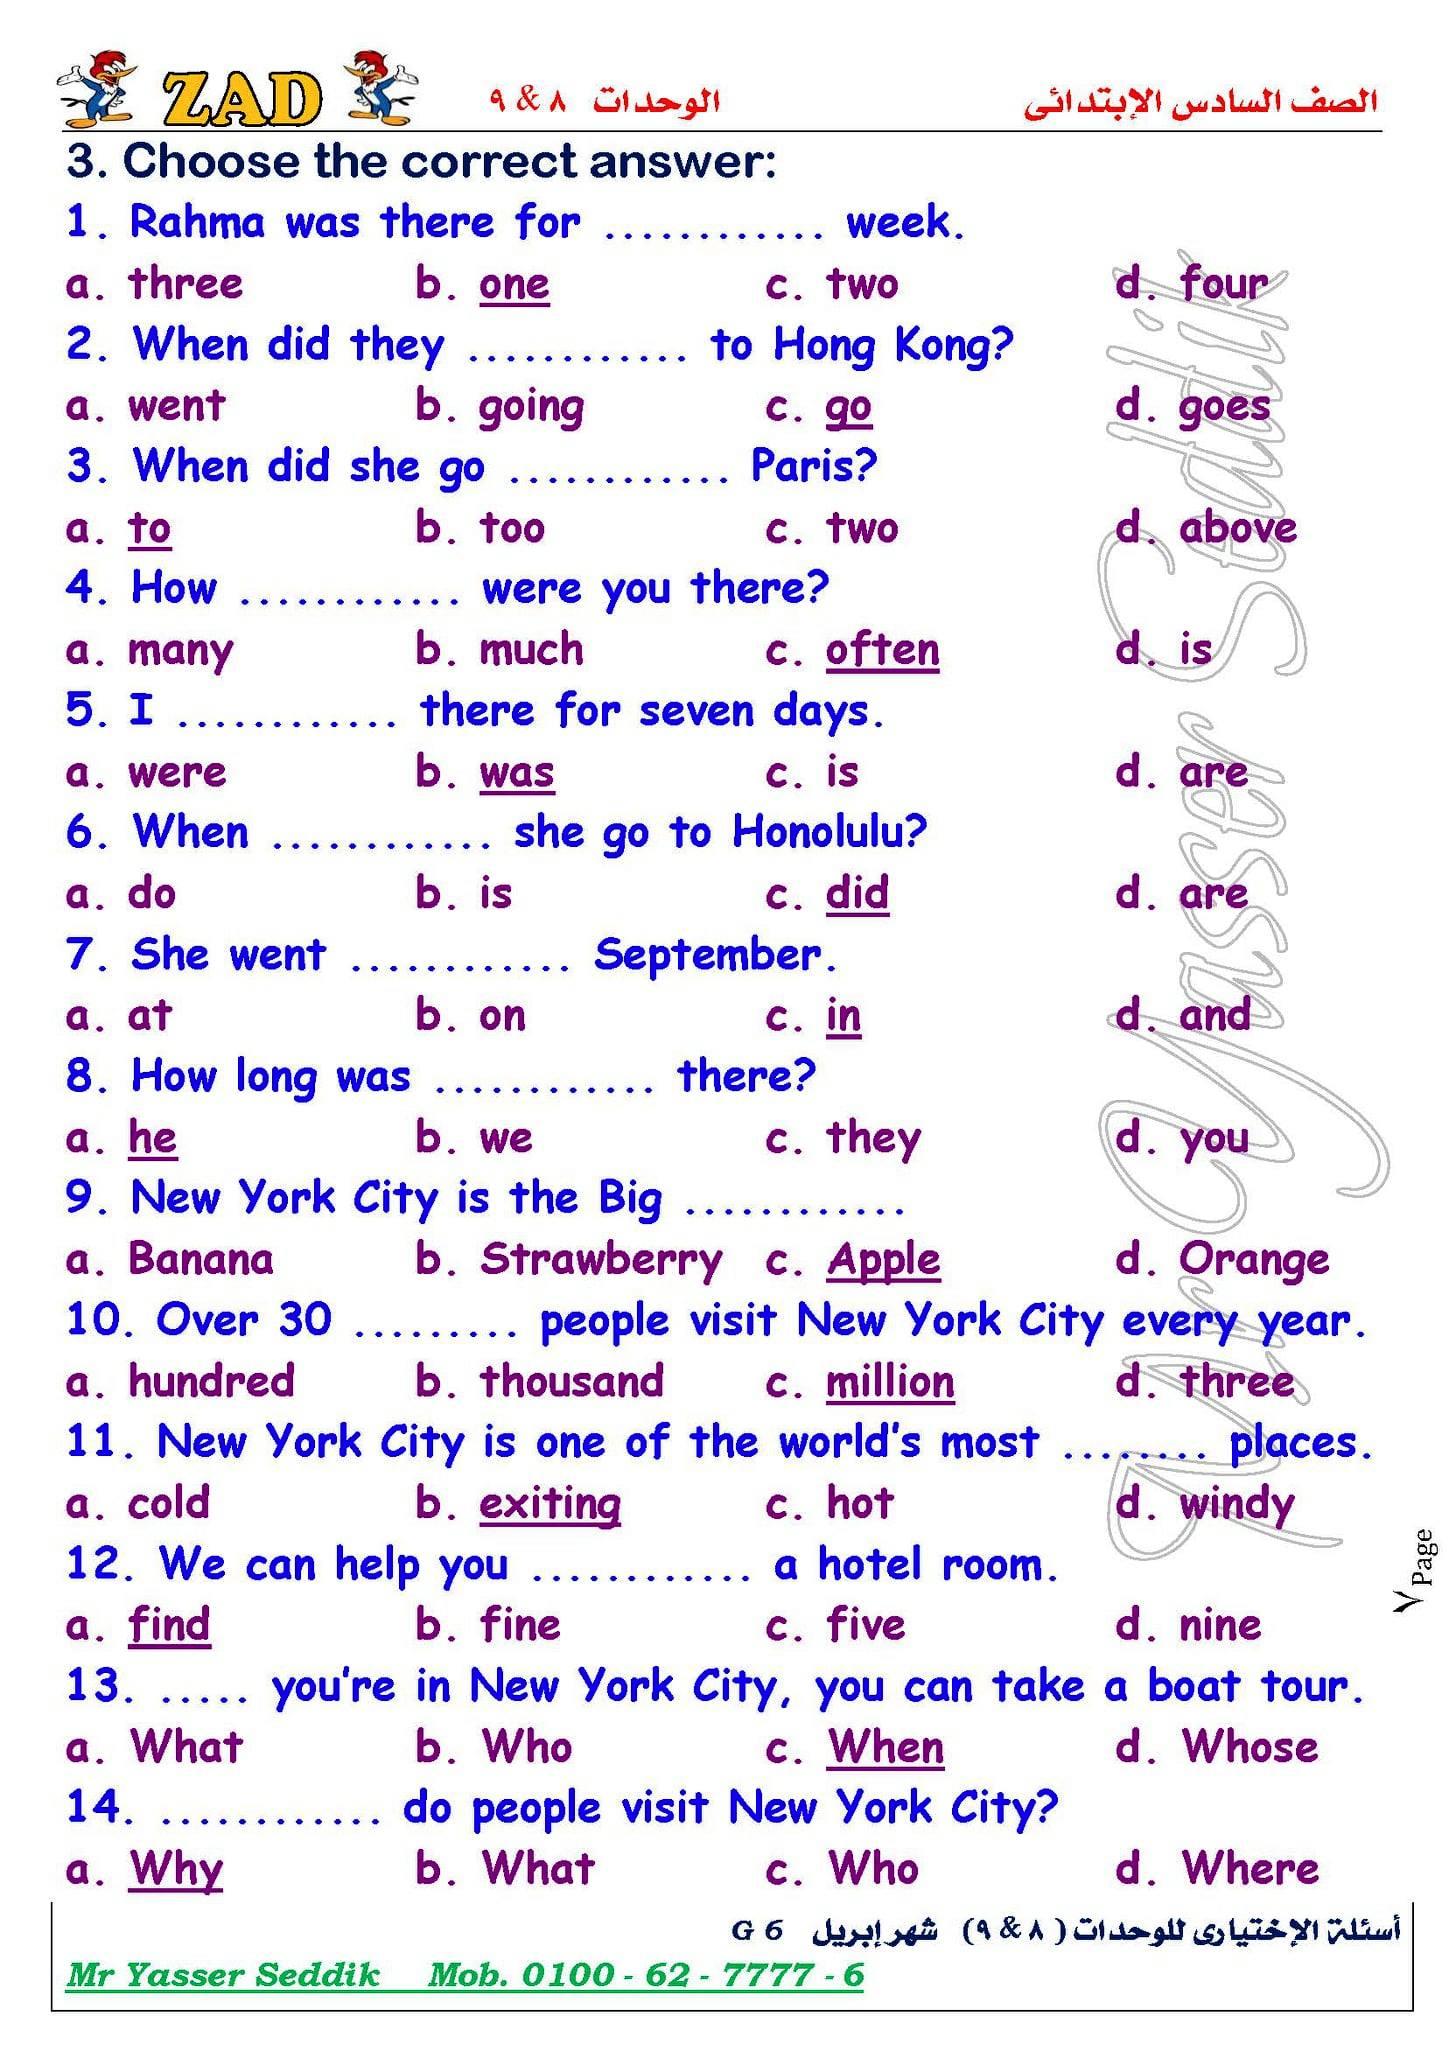 مراجعة لغة انجليزية للصف السادس الإبتدائى ترم ثاني شهر إبريل بالإجابات مستر ياسر صادق 1